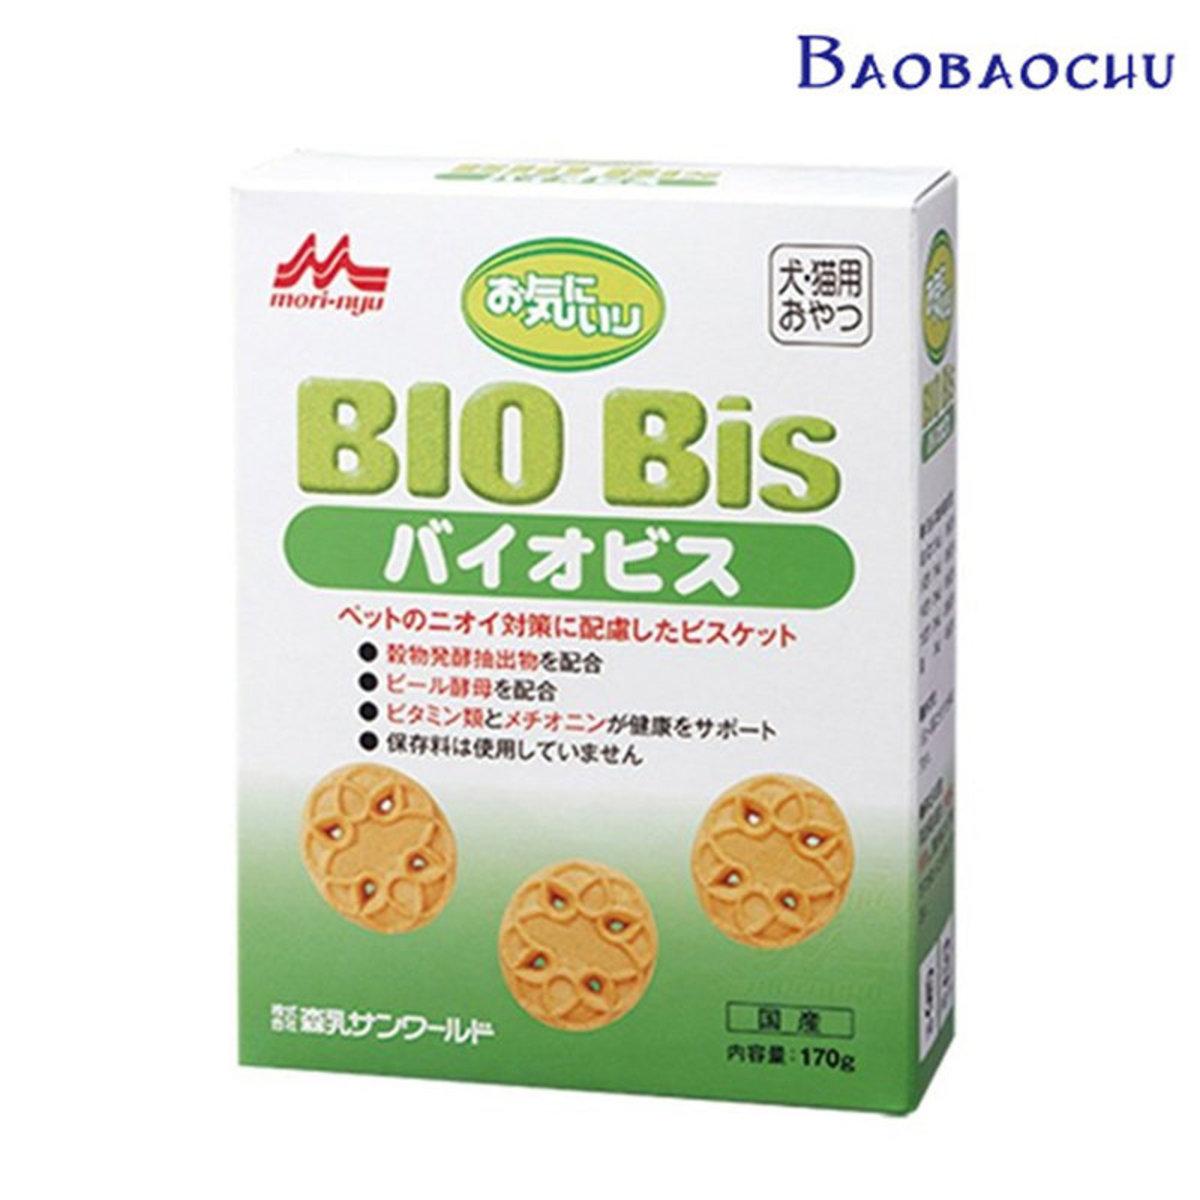 胃腸道益生 犬貓用餅乾 170克 (MN-0902)